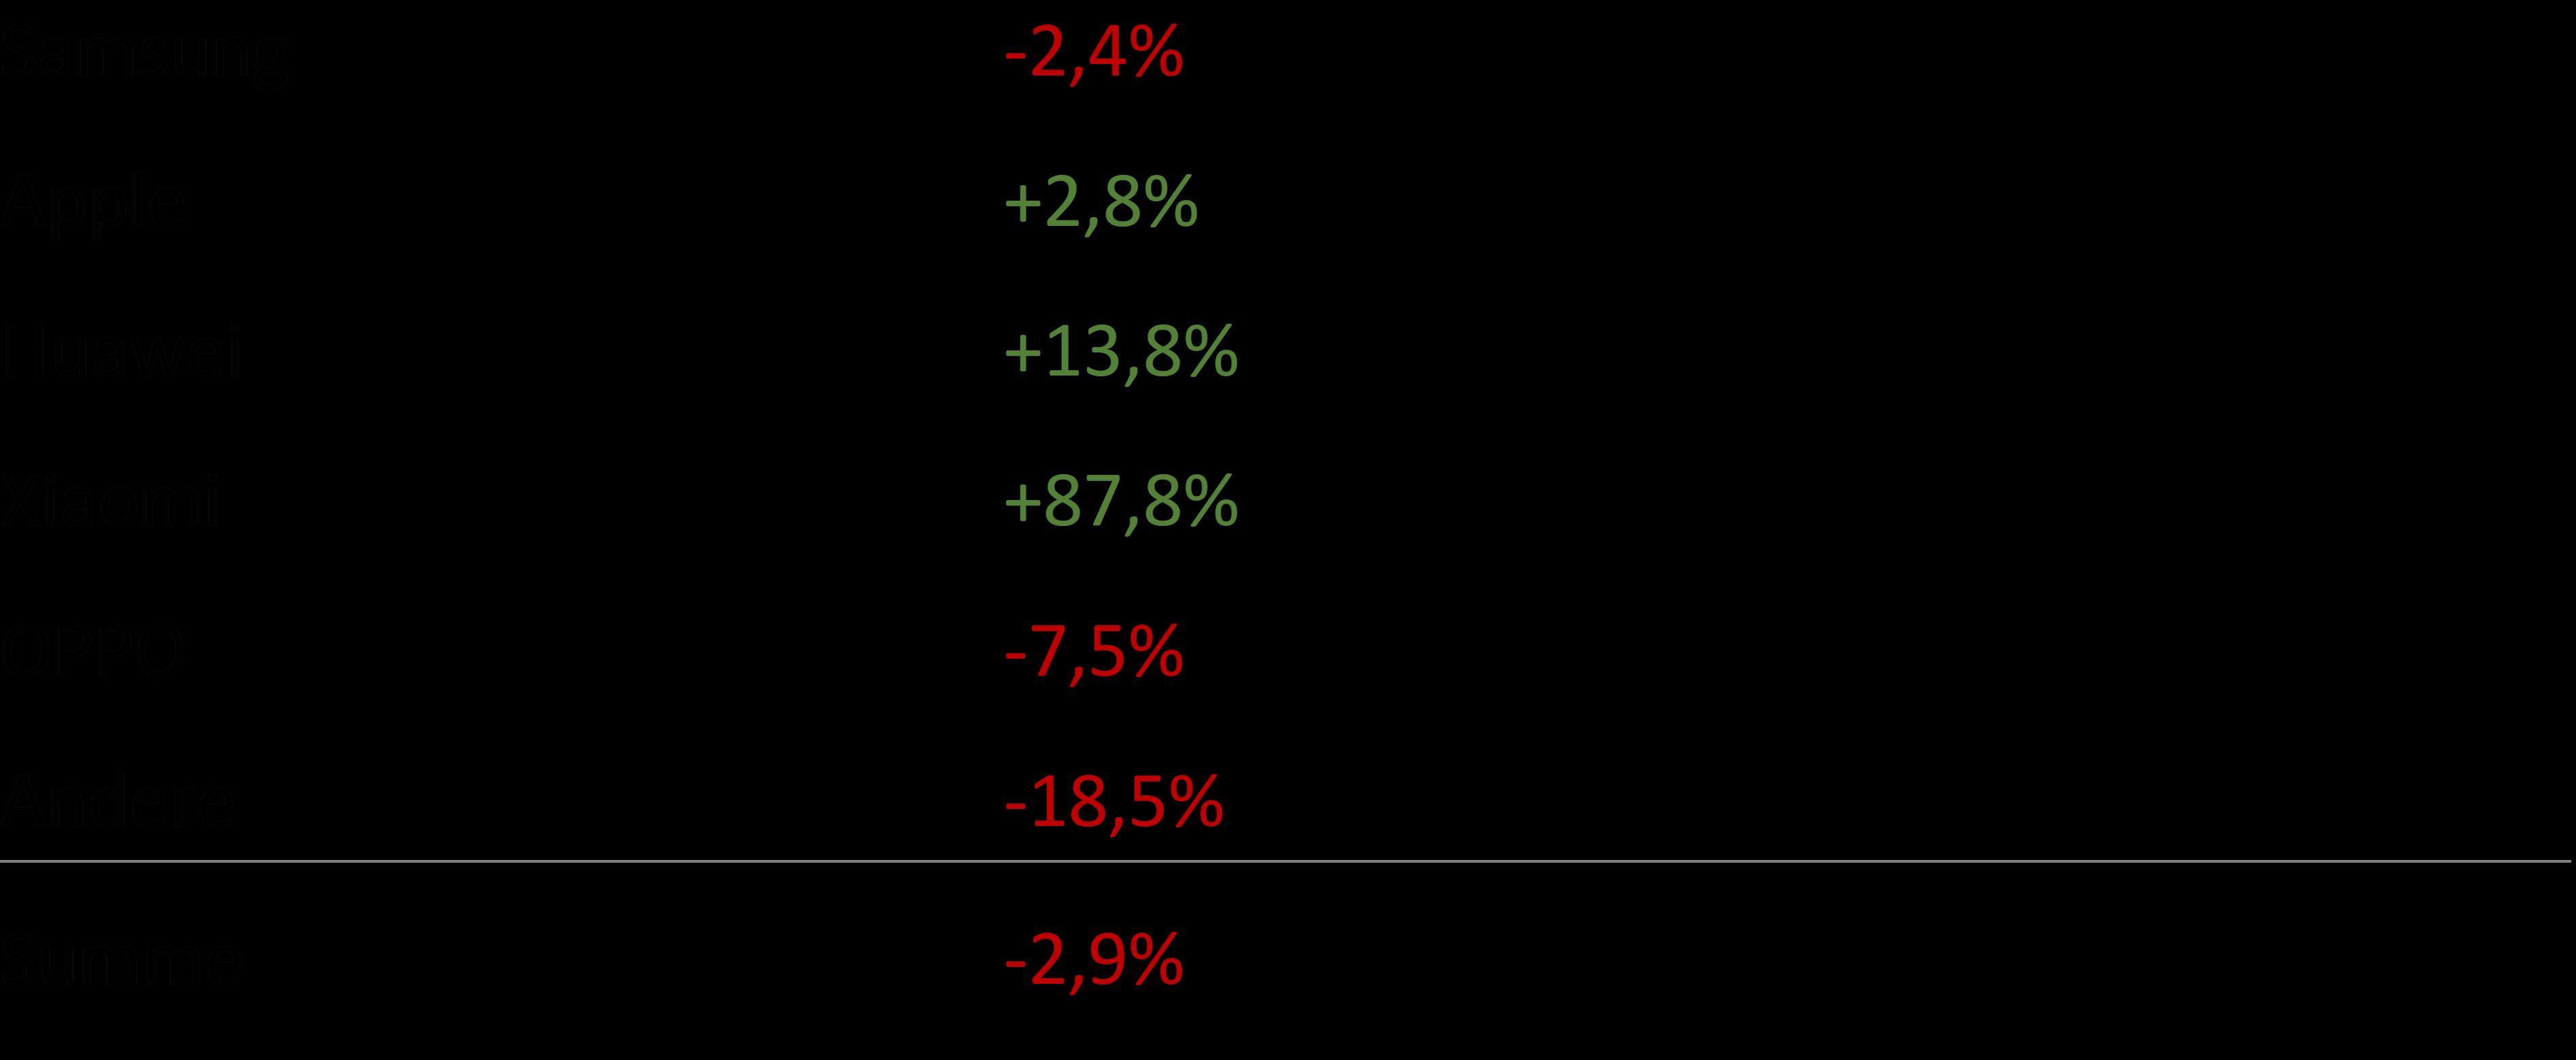 Jahresvergleich 2017-2018